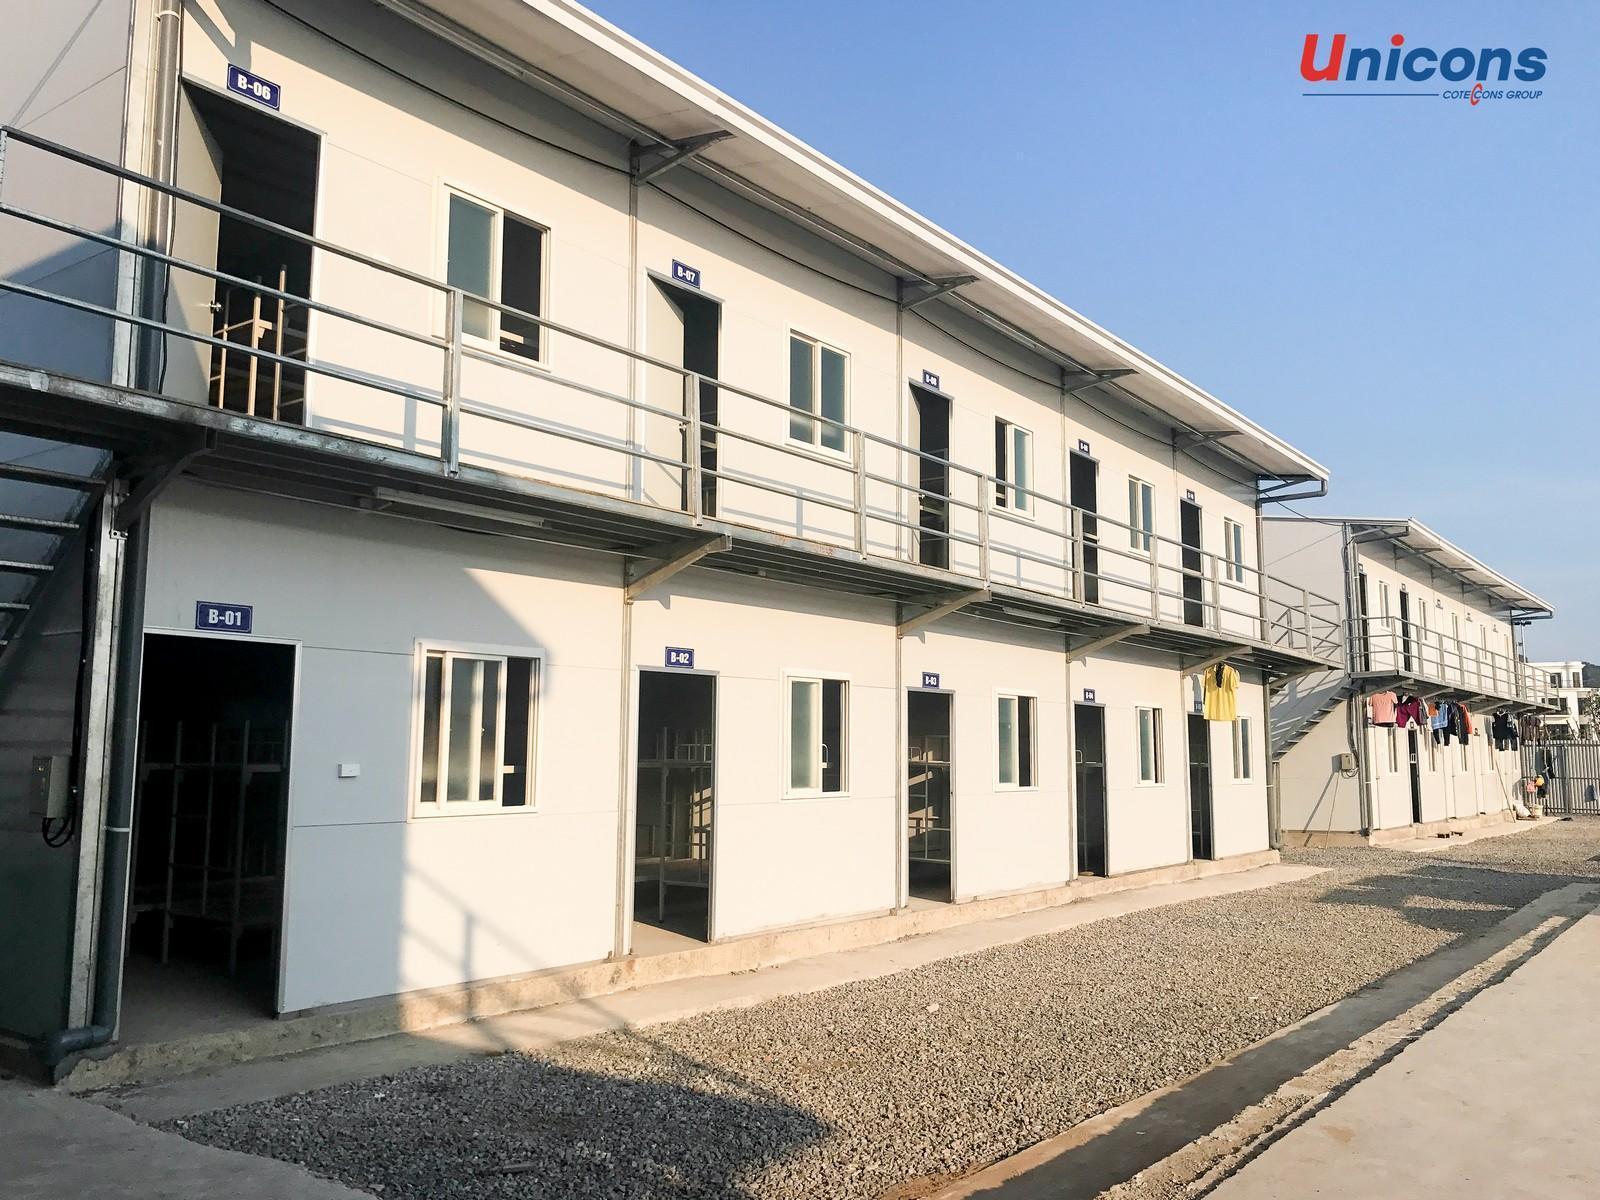 Unicons trang bị hệ thống nhà lưu trú hiện đại cho công nhân